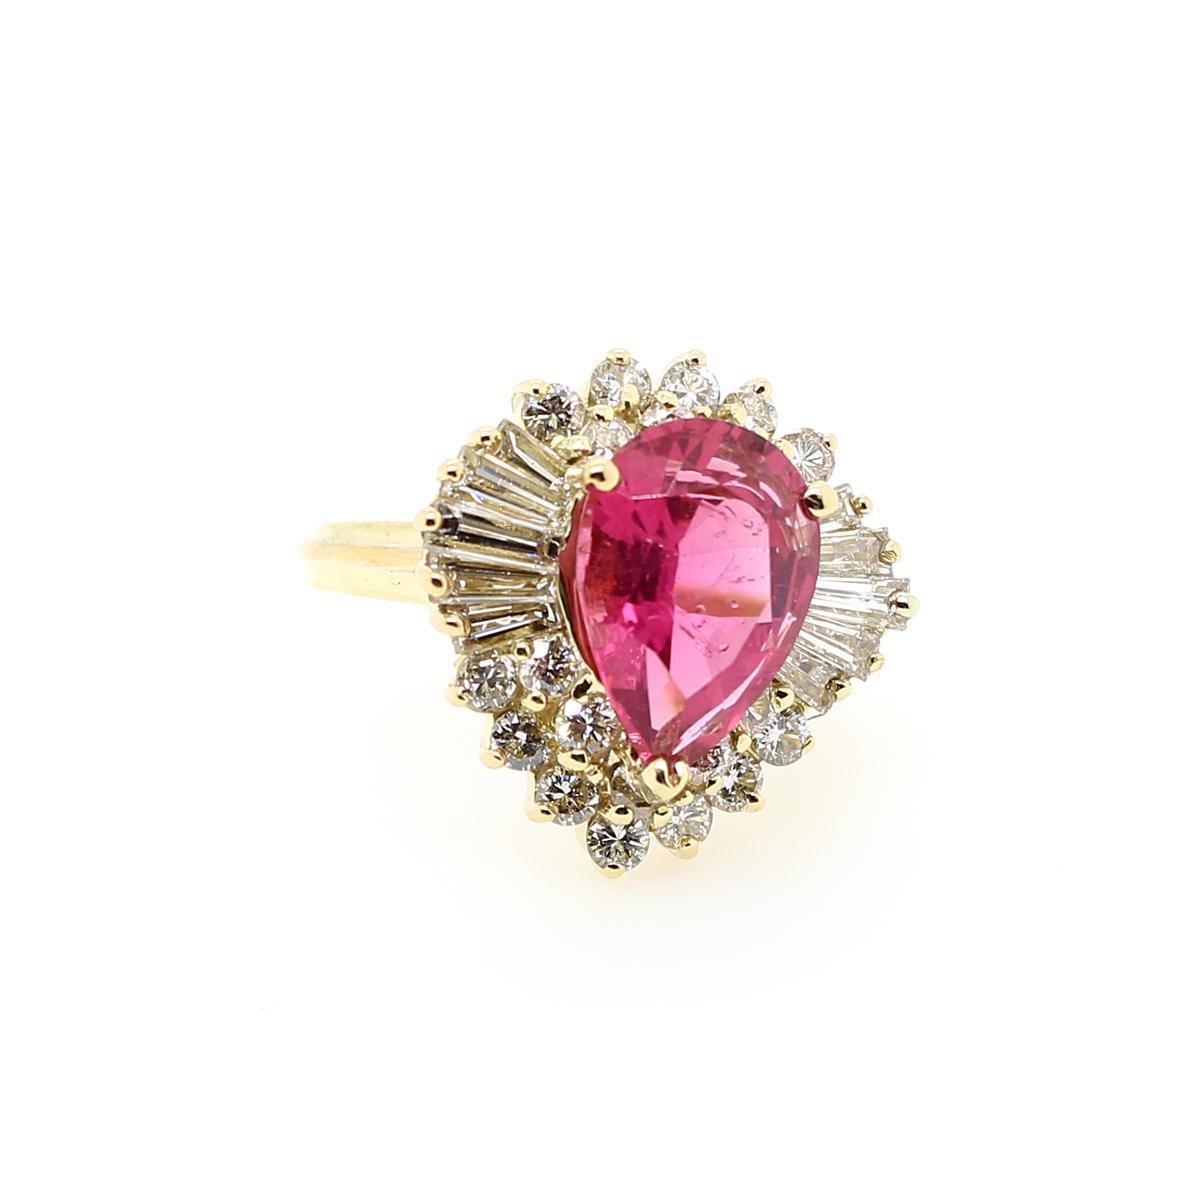 Vintage 18 Karat Yellow Gold Pink Rhodolite Garnet and Diamond Ring